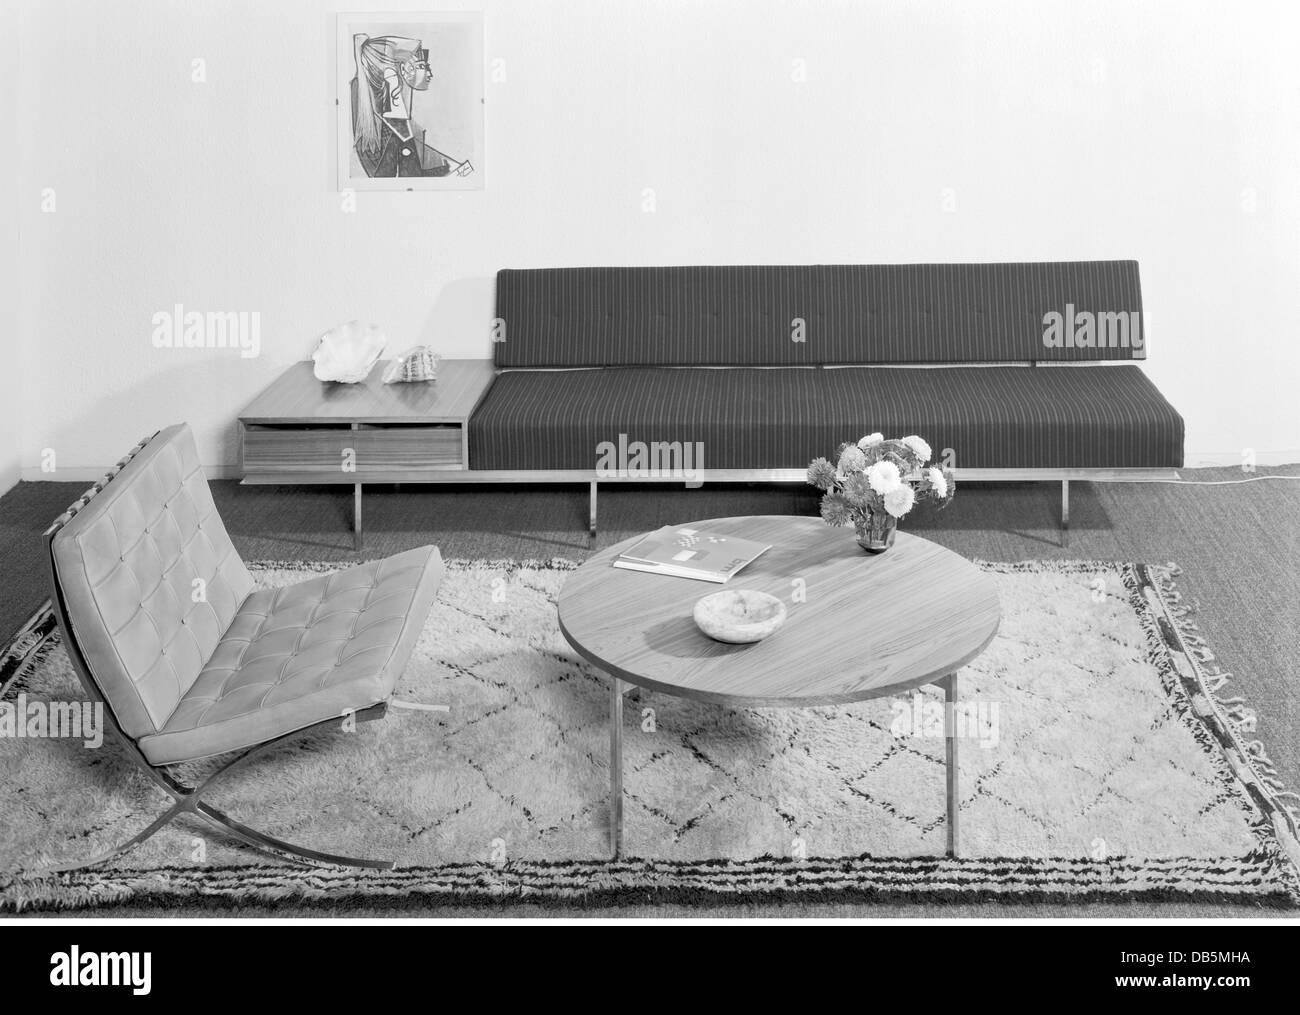 Sympathisch Sitzmöbel Wohnzimmer Beste Wahl Möbel, Wohnzimmer, 1960, 1960er Jahre, 60er Jahre,